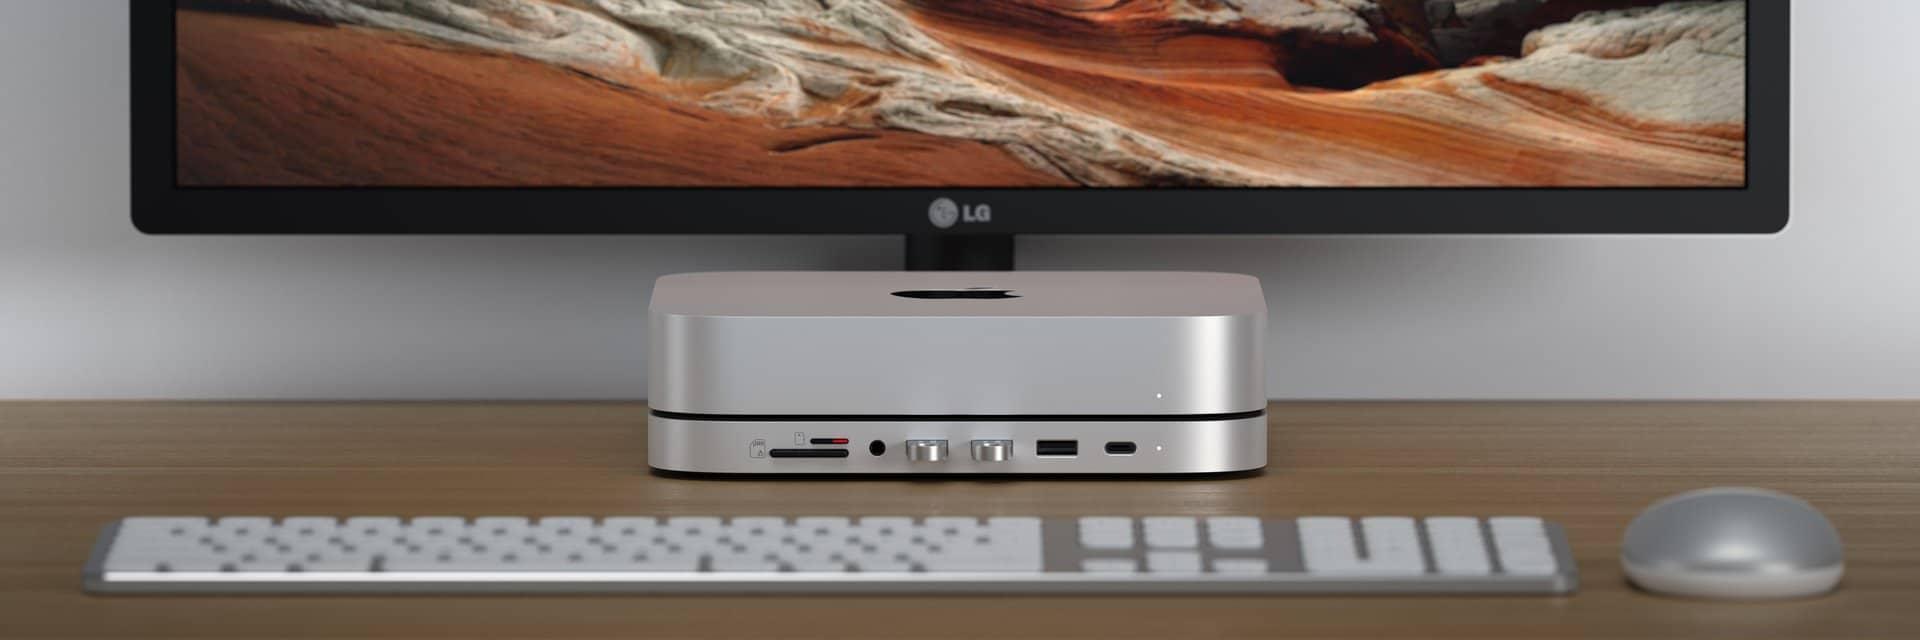 Stand/hub da Satechi para Mac mini